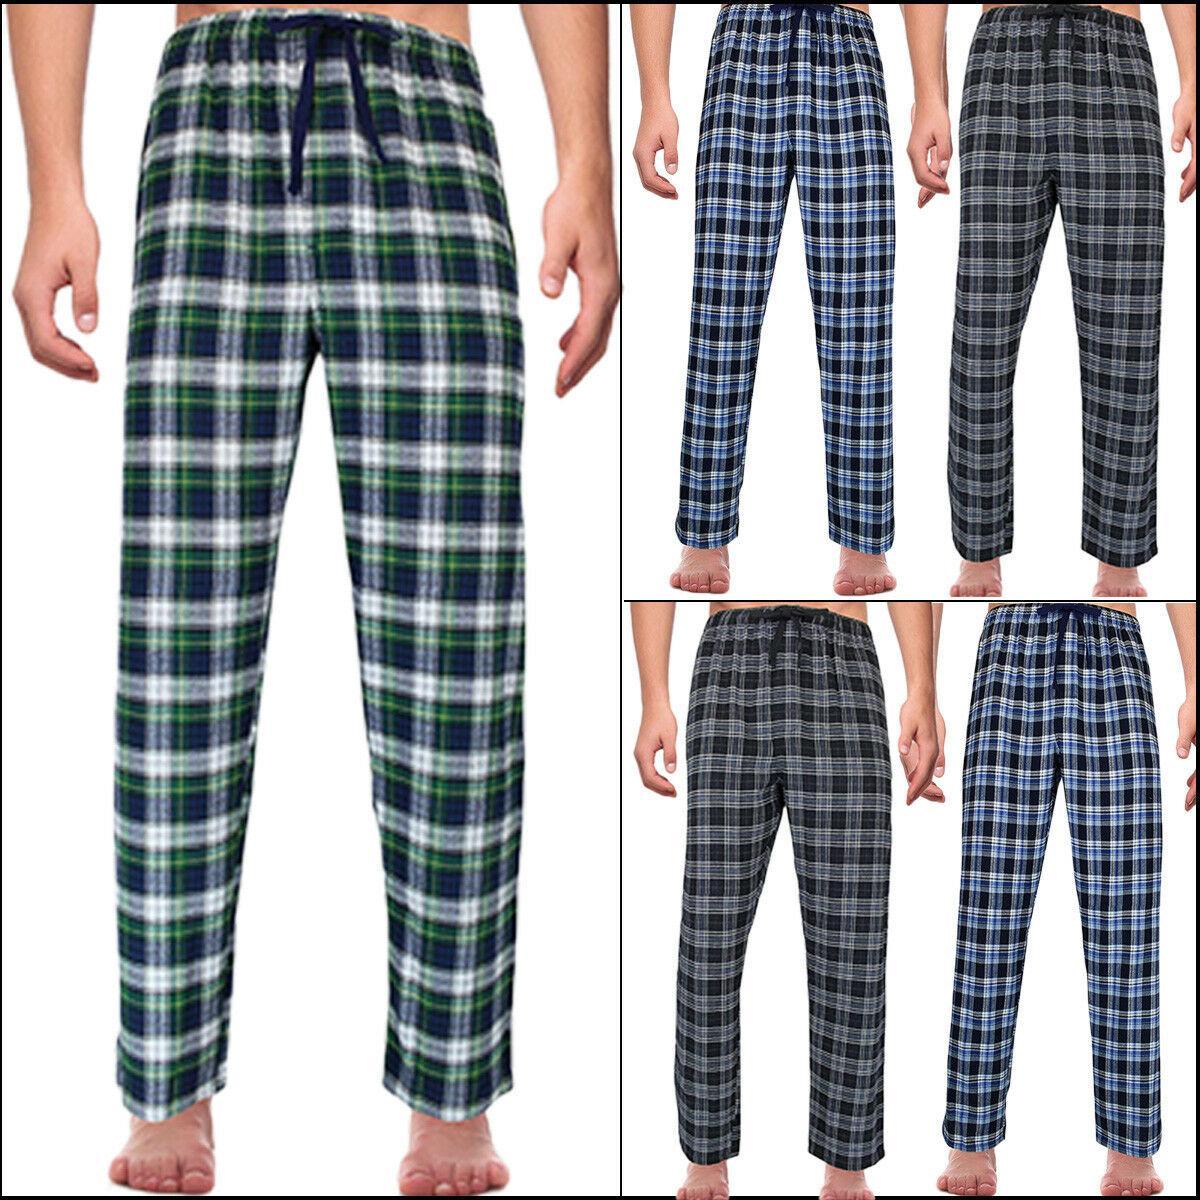 MEN 격자 무늬 수면 바지 CHECK LOUNGE PANT 파자마 BOTTOM 잠옷 COTTON 격자 무늬 잠옷 M L XL 2XL